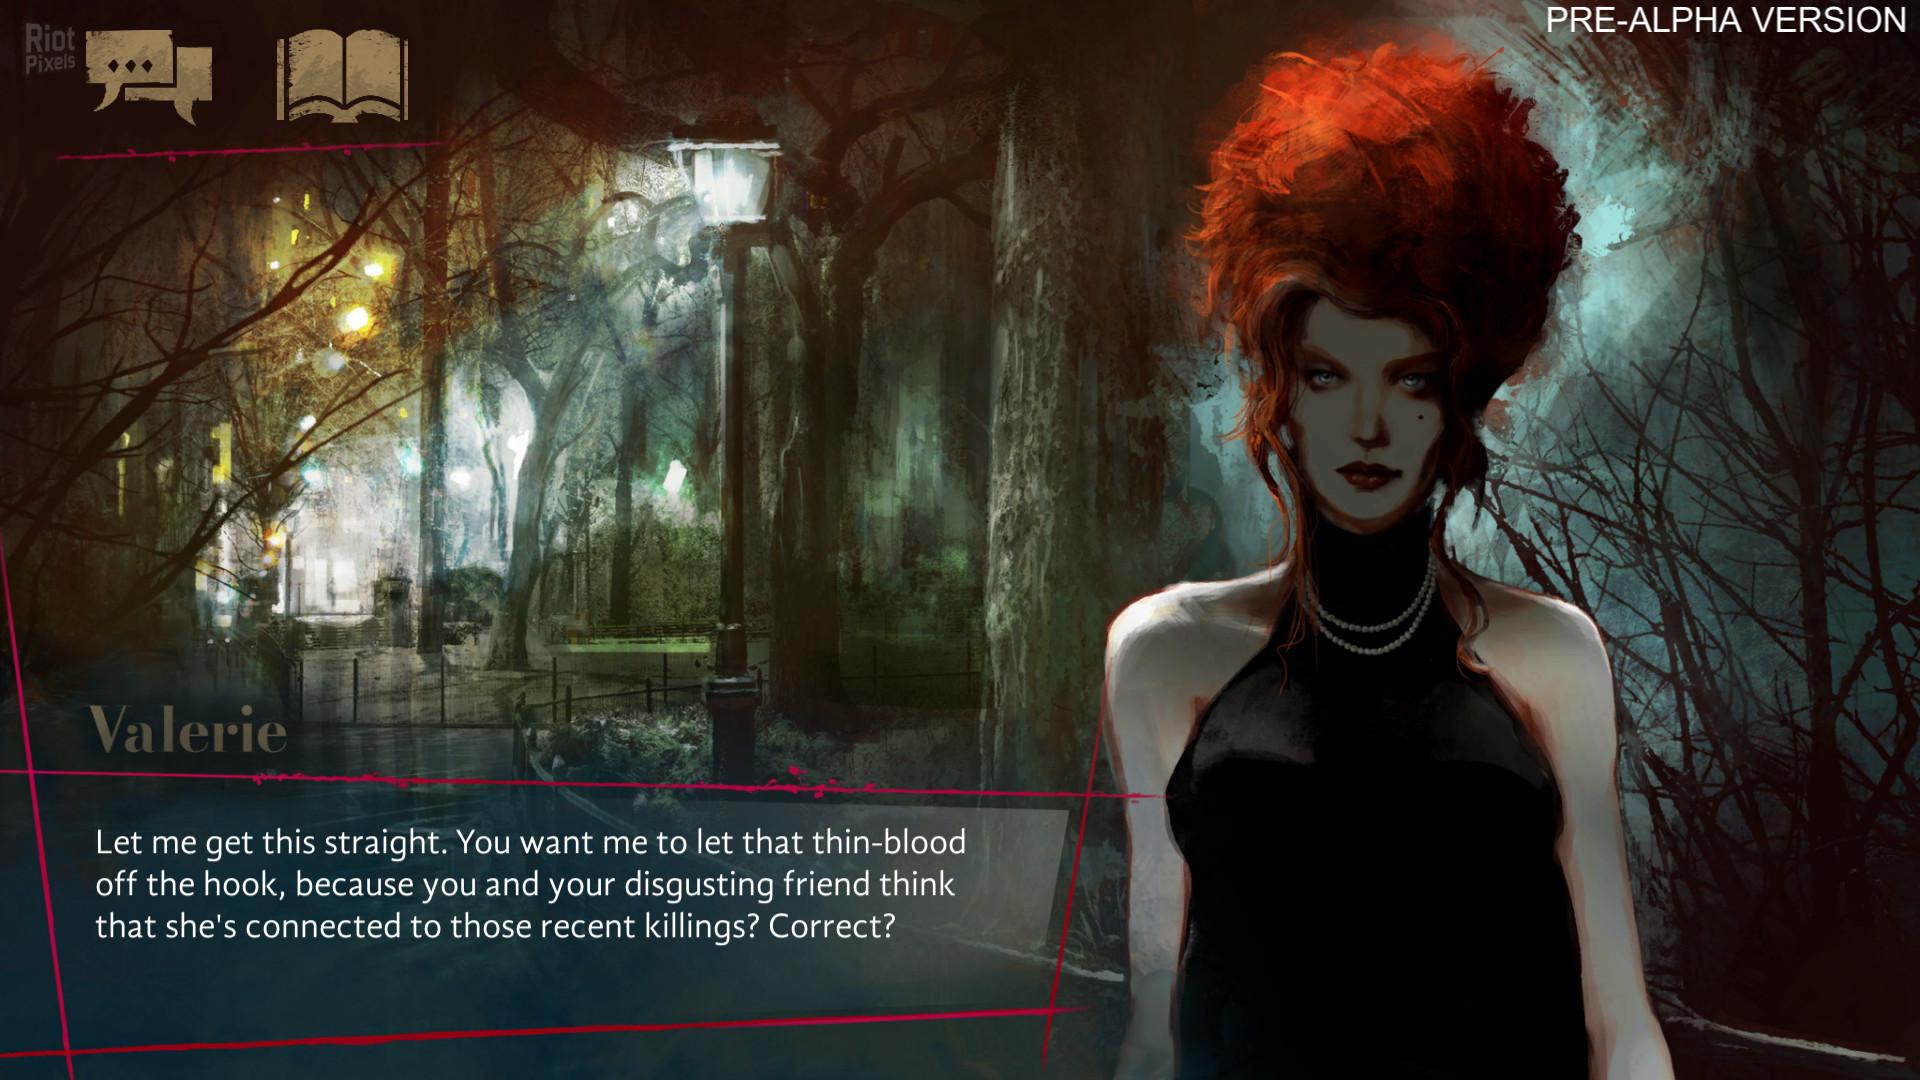 screenshot.vampire-the-masquerade-coteries-of-new-york.1920x1080.2019-10-21.8.jpg